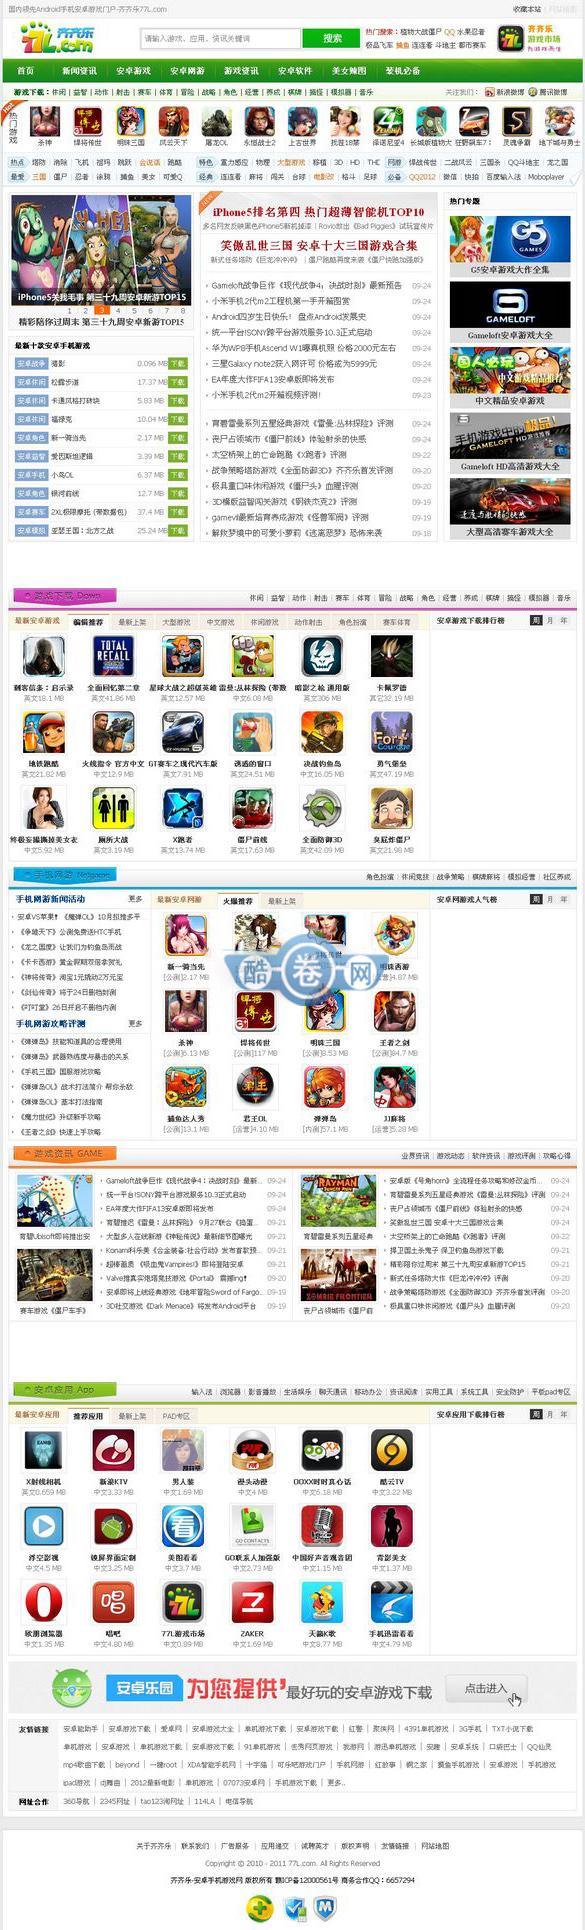 手机安卓游戏下载网 手游手机应用软件下载站源码